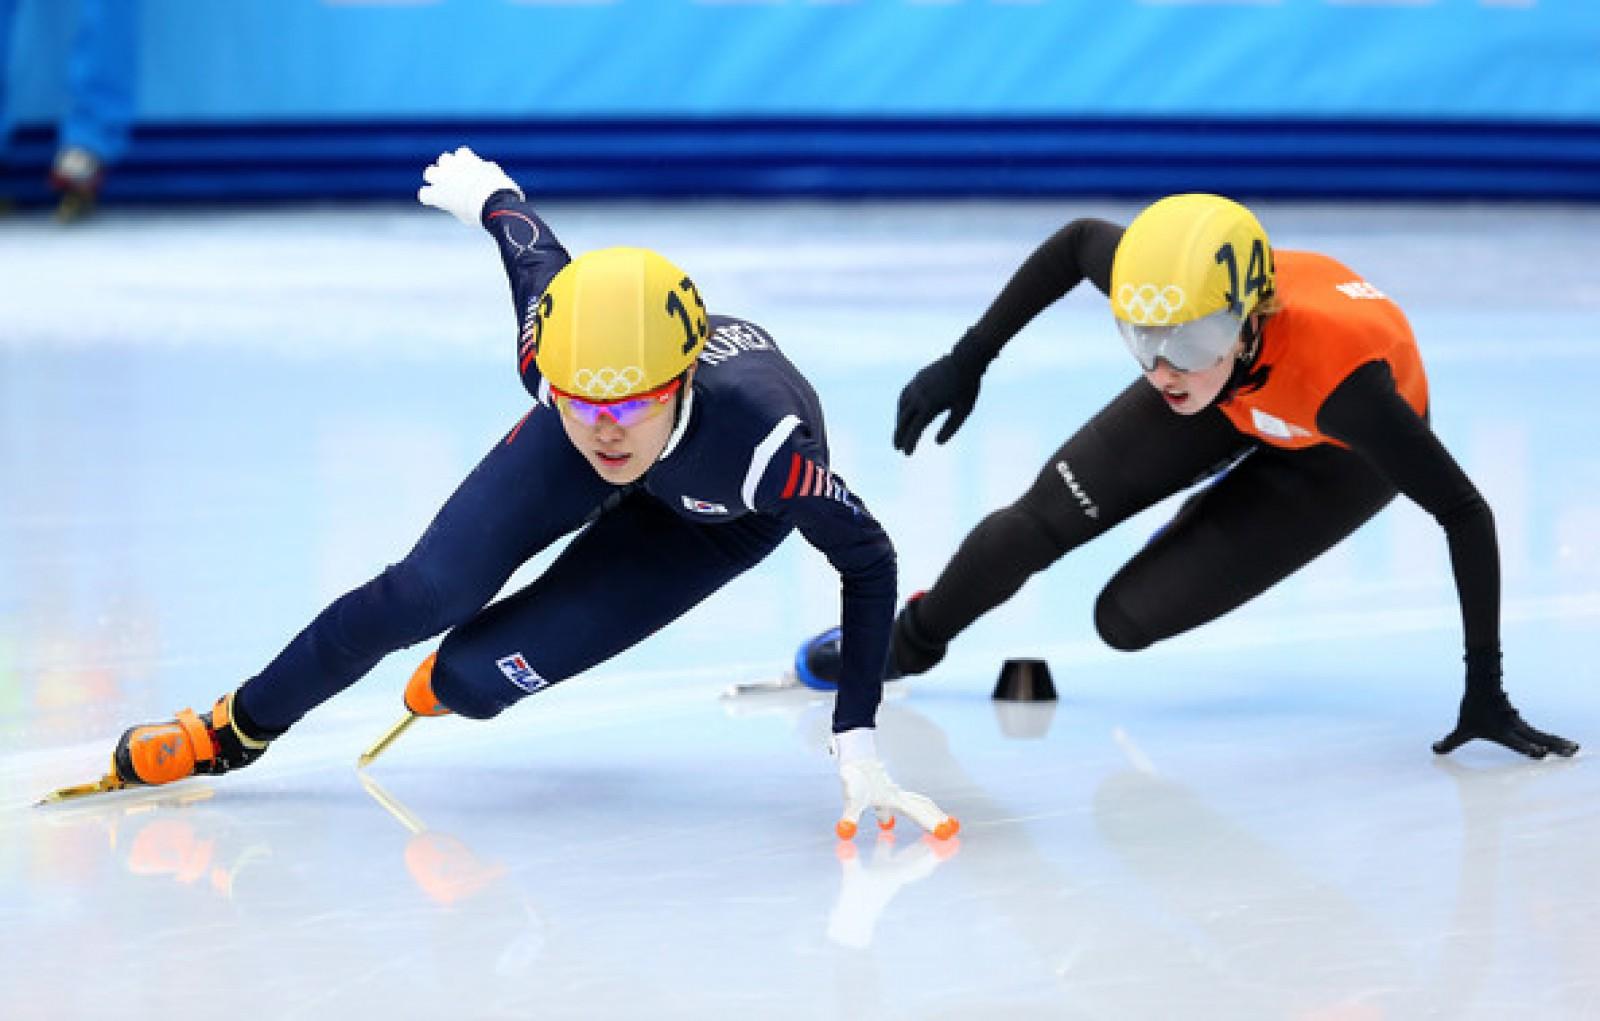 Prima probă pozitivă de dopaj, descoperită la Olimpiada de Iarnă din Coreea de Sud